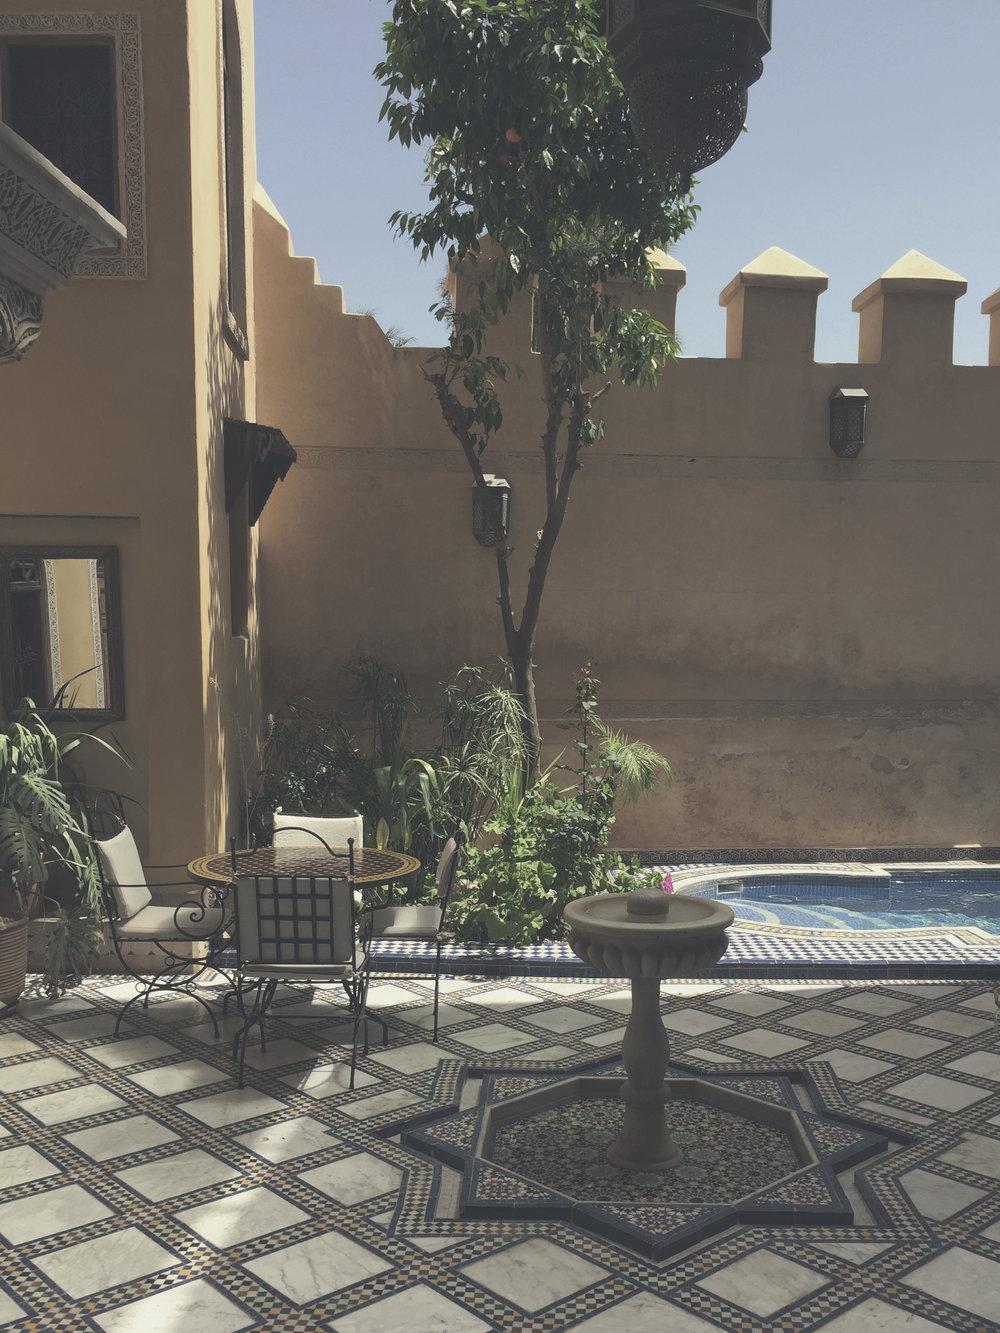 Intricate tile work in Riad Layalina